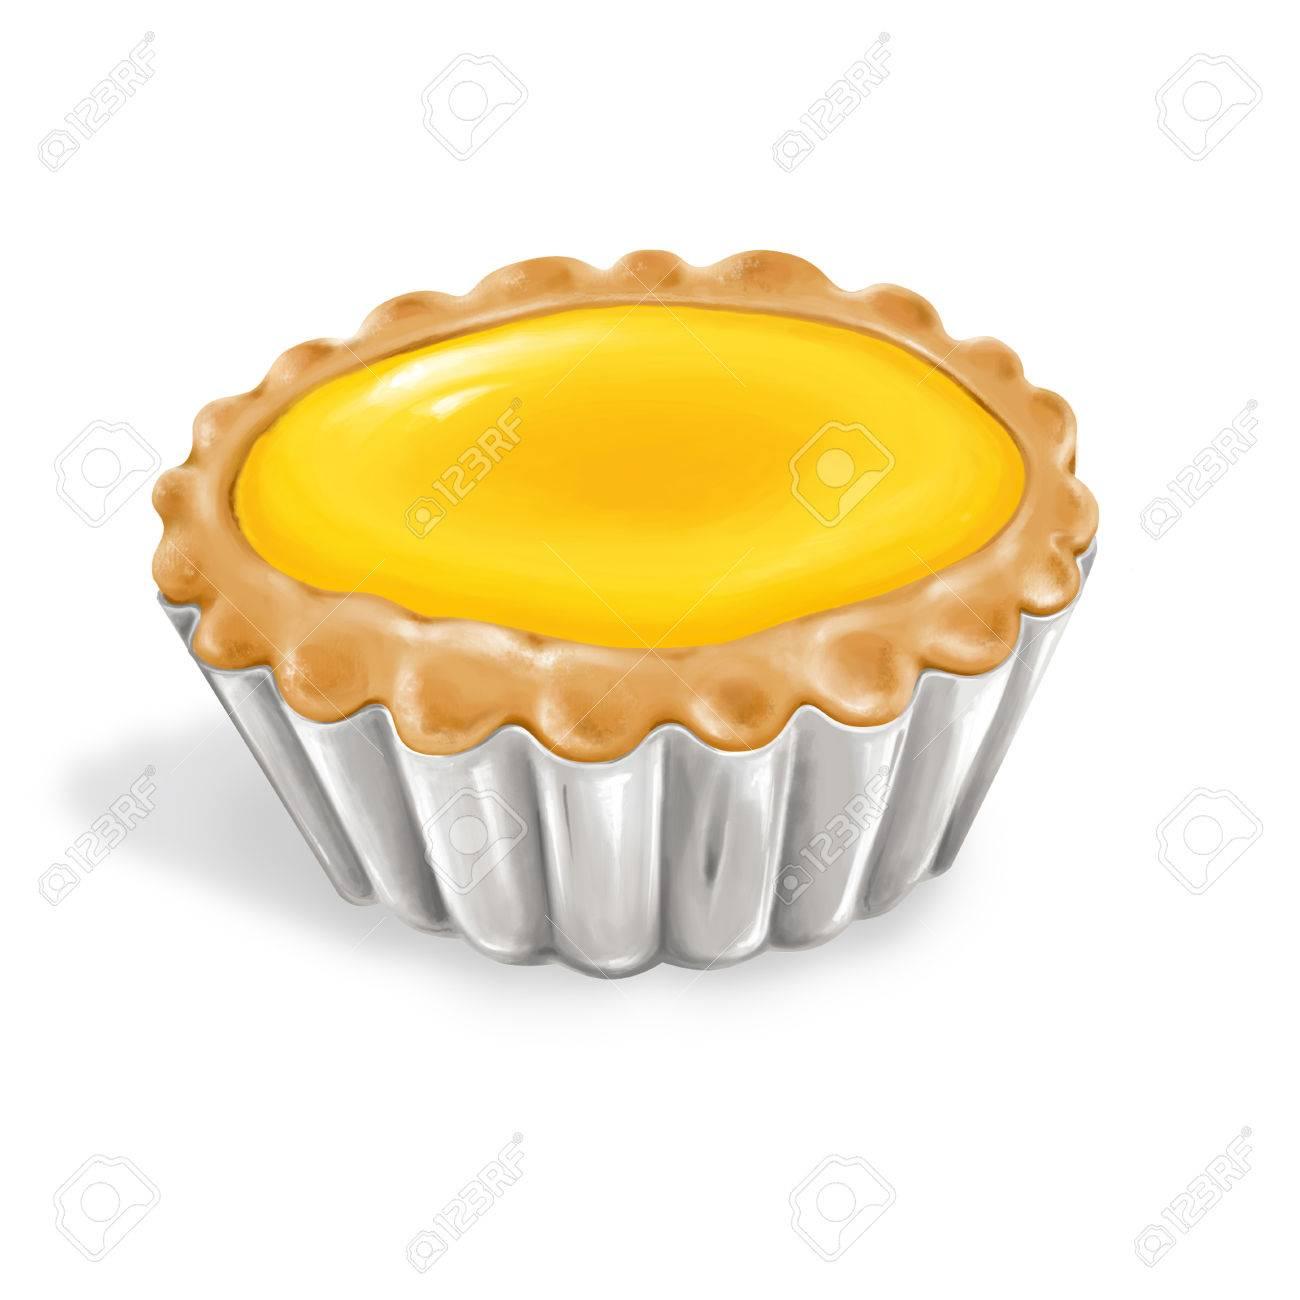 香港スタイルの食品卵のタルトのイラスト の写真素材画像素材 Image